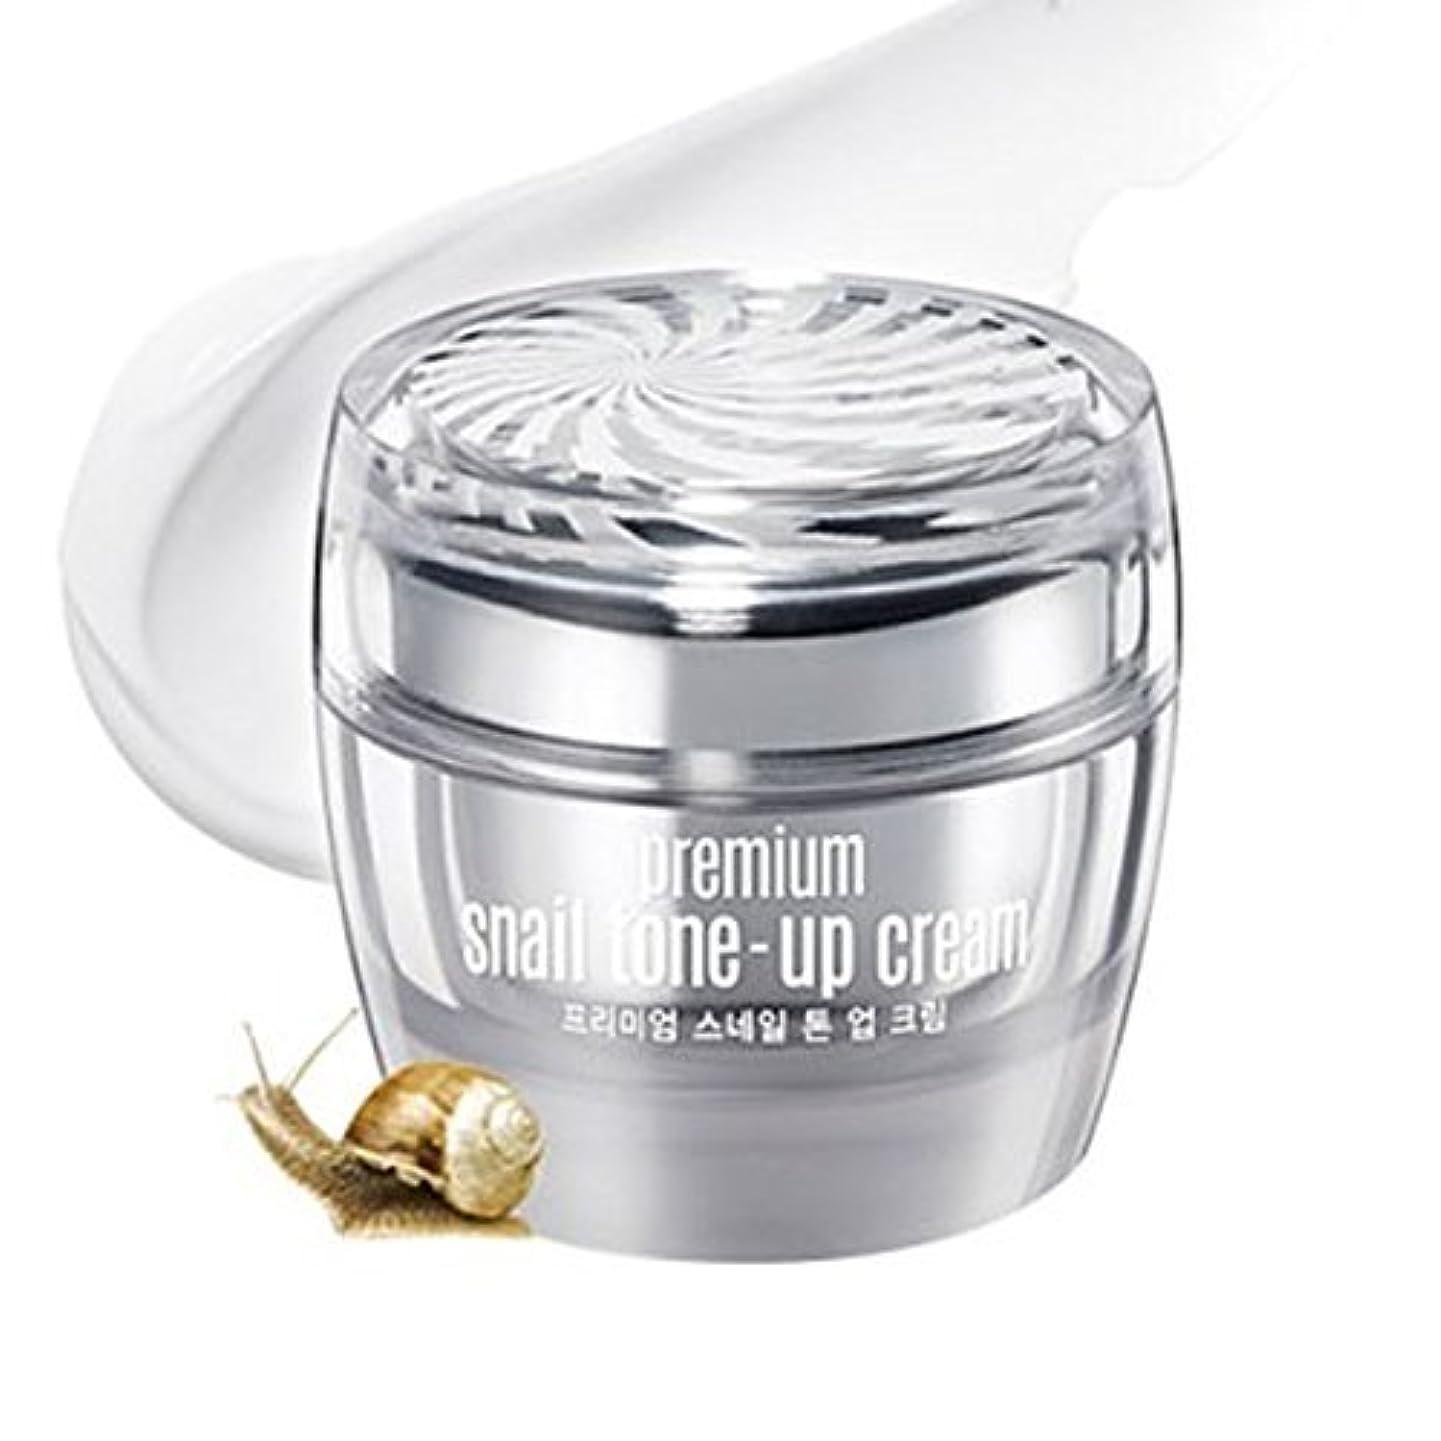 絶滅した盲信美容師グーダル プレミアム スネイル トーンアップ クリーム CLIO Goodal Premium Snail Tone Up Whitening Cream 50ml(1.69oz)/Korea Cosmetic [並行輸入品]